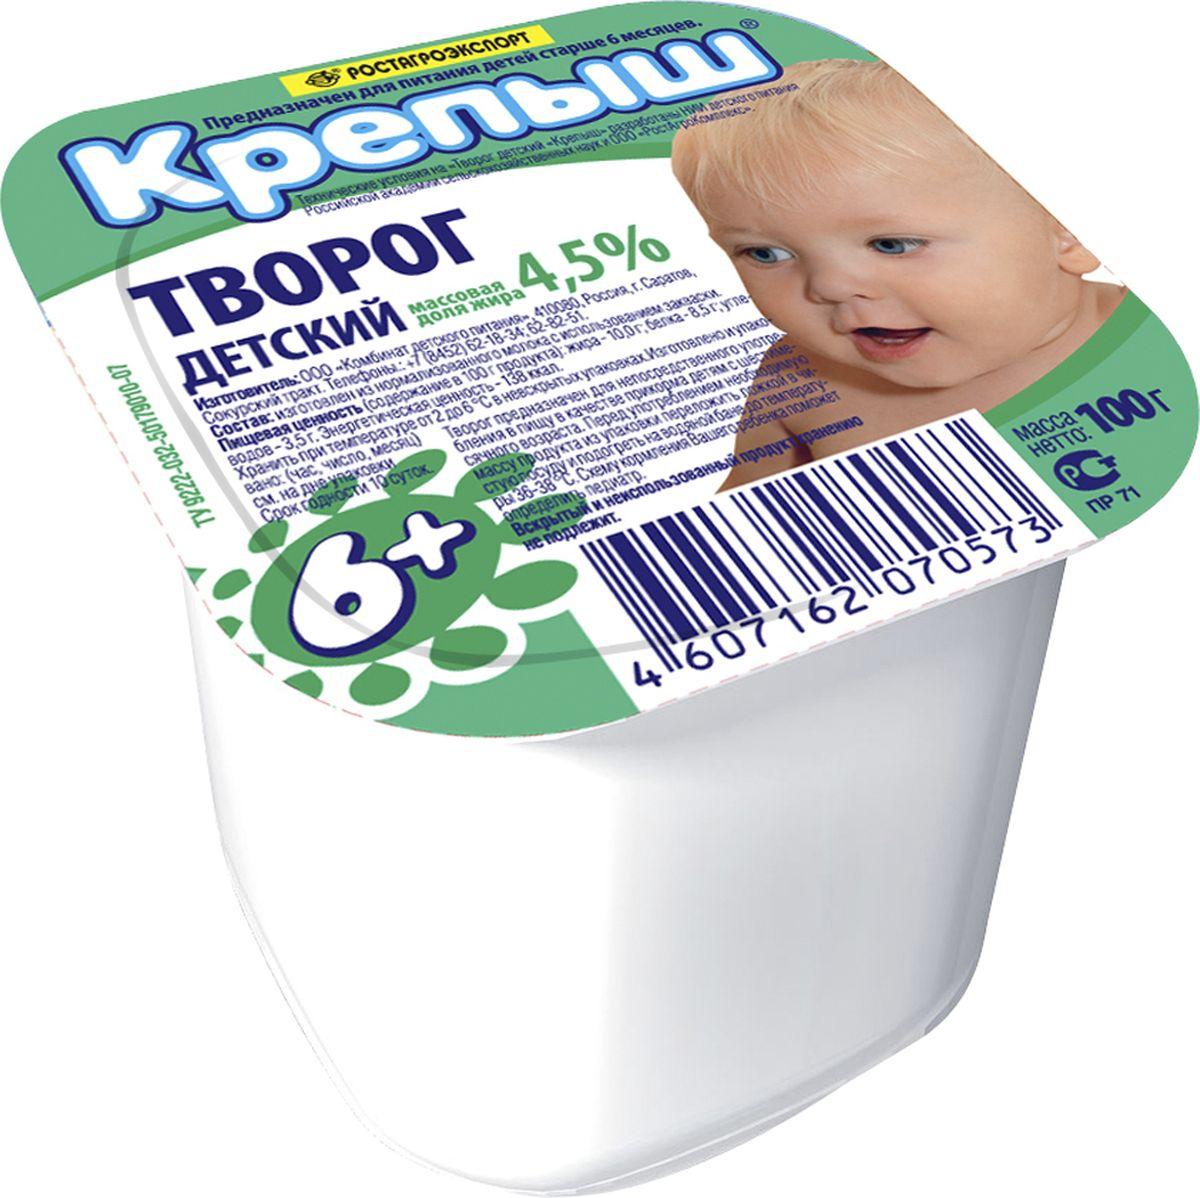 Крепыш Творог детский 4,5%, 100 г5291Молочные продукты высшего качества